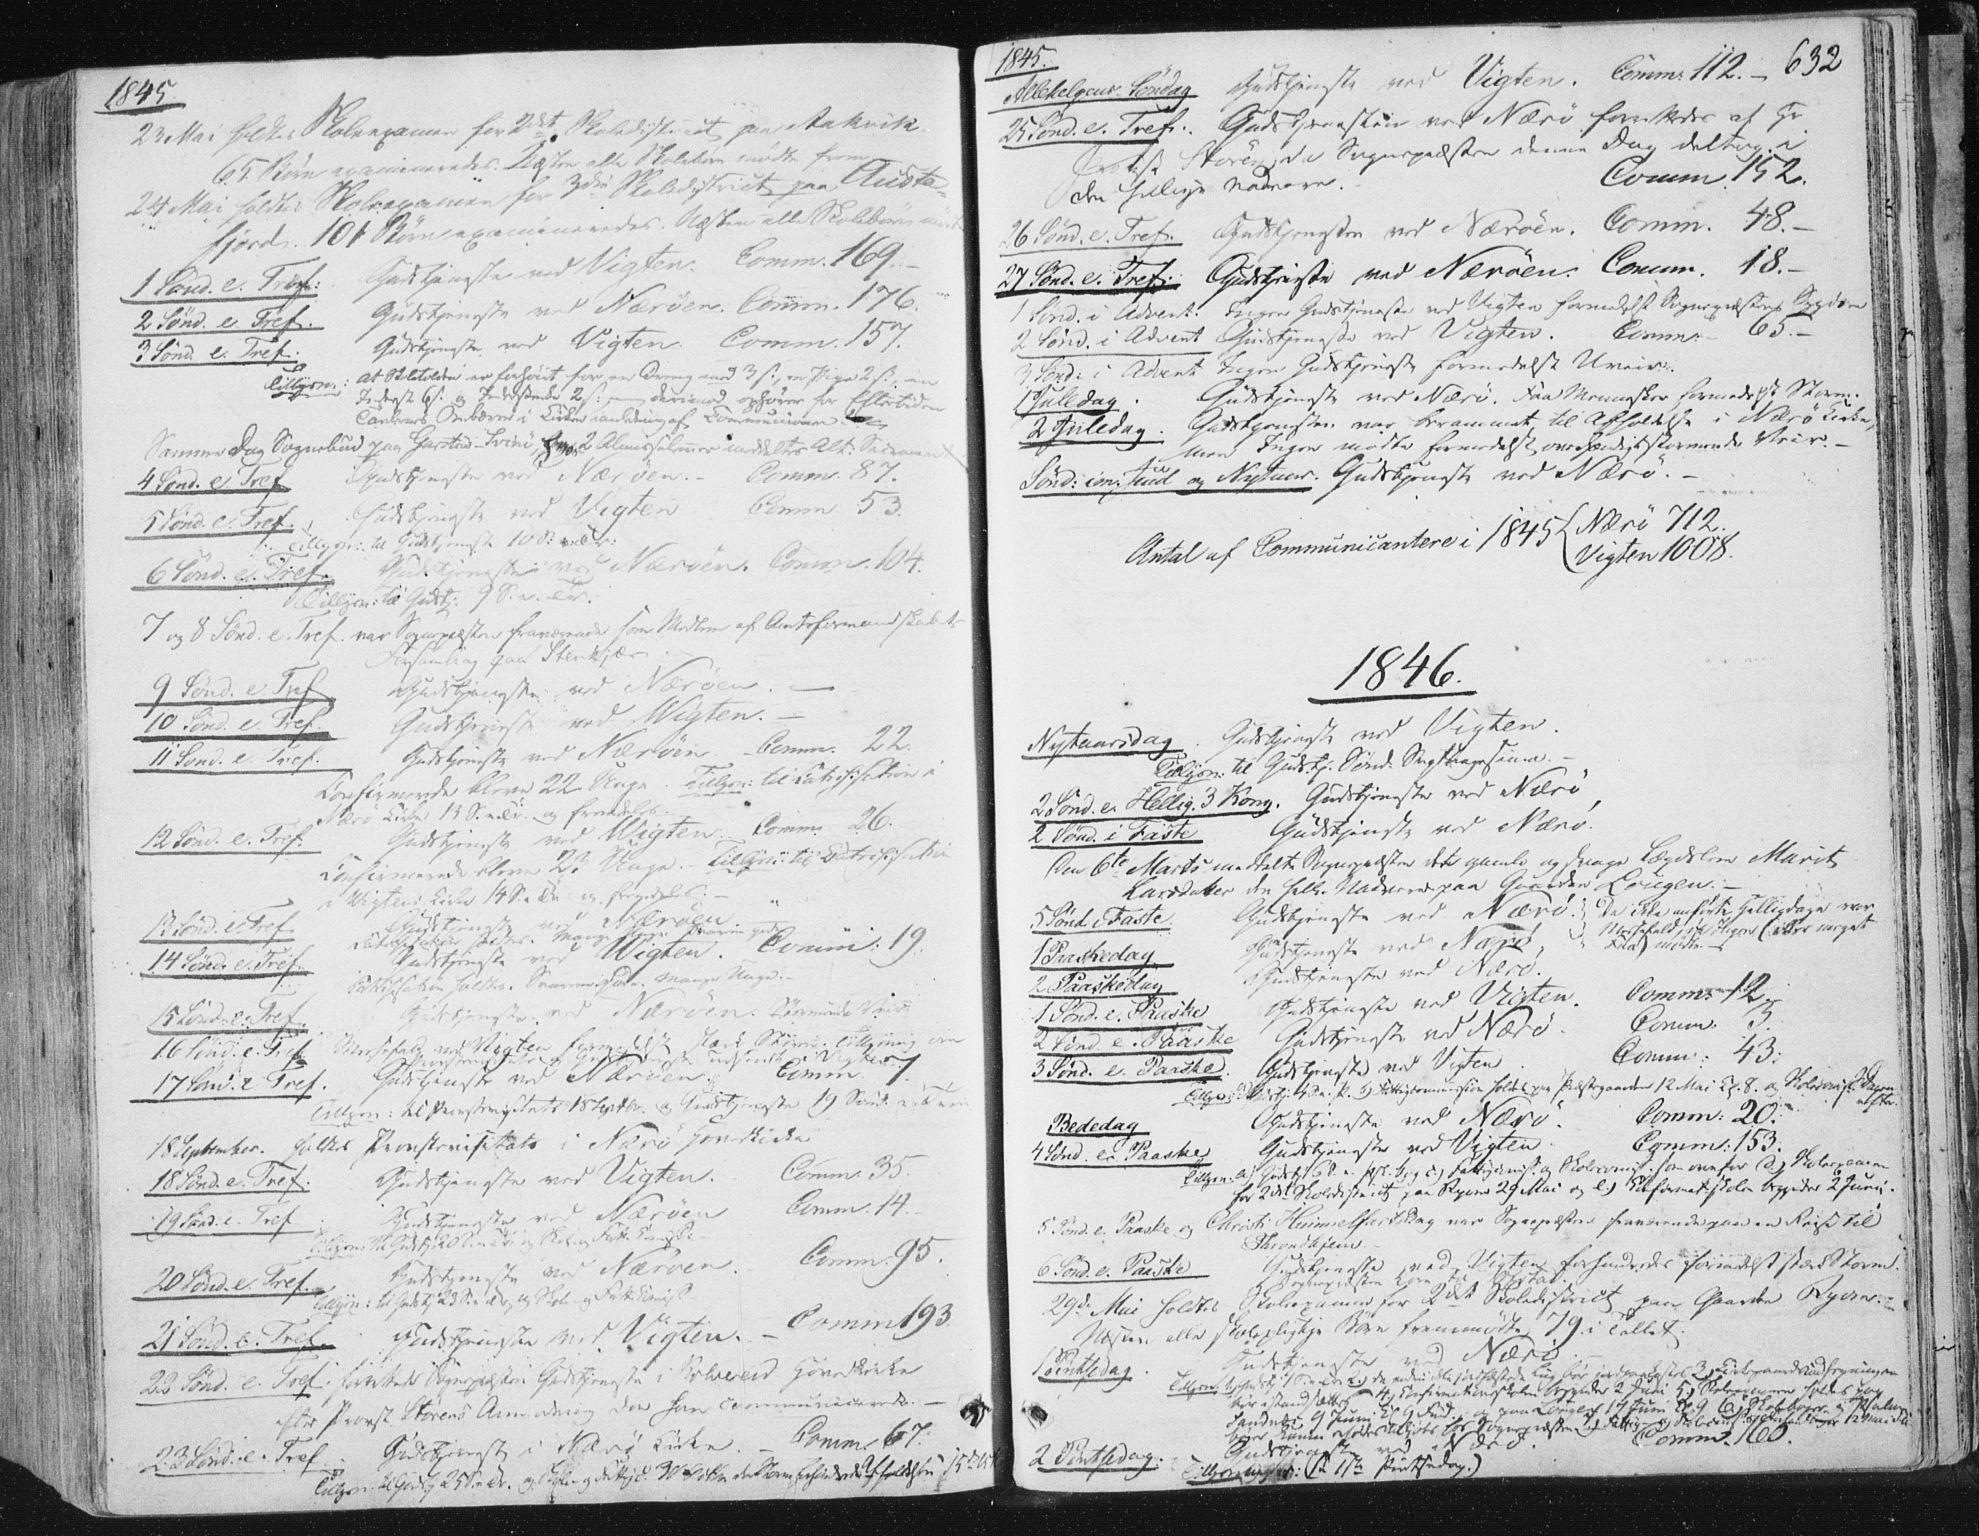 SAT, Ministerialprotokoller, klokkerbøker og fødselsregistre - Nord-Trøndelag, 784/L0669: Ministerialbok nr. 784A04, 1829-1859, s. 632